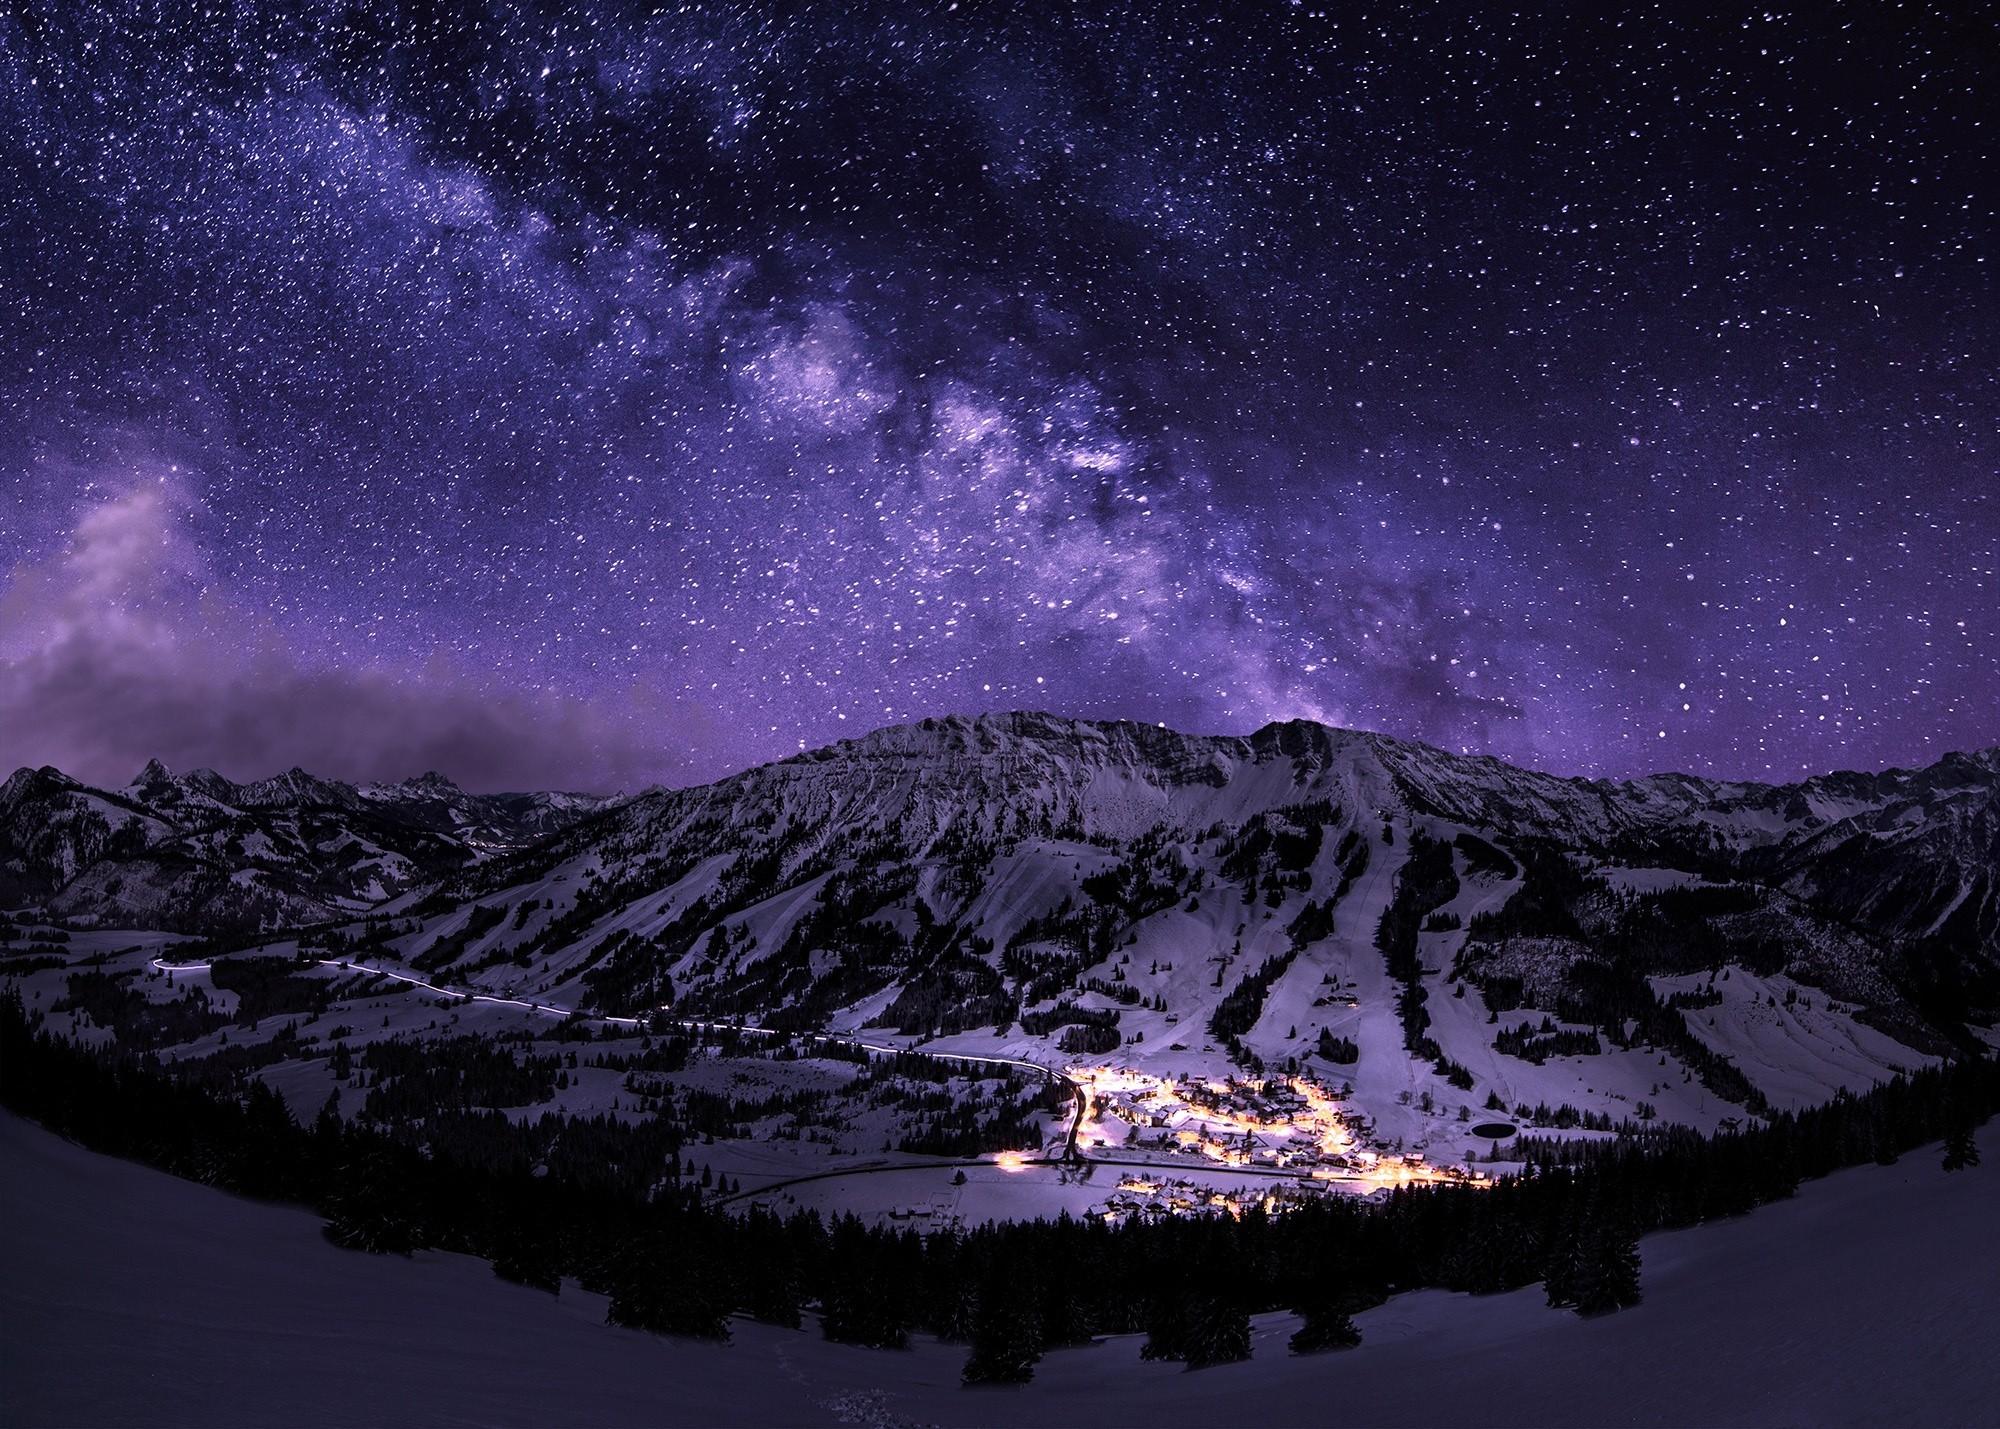 2048x1152 stars night galaxy 2048x1152 resolution hd 4k for Night sky wallpaper 4k